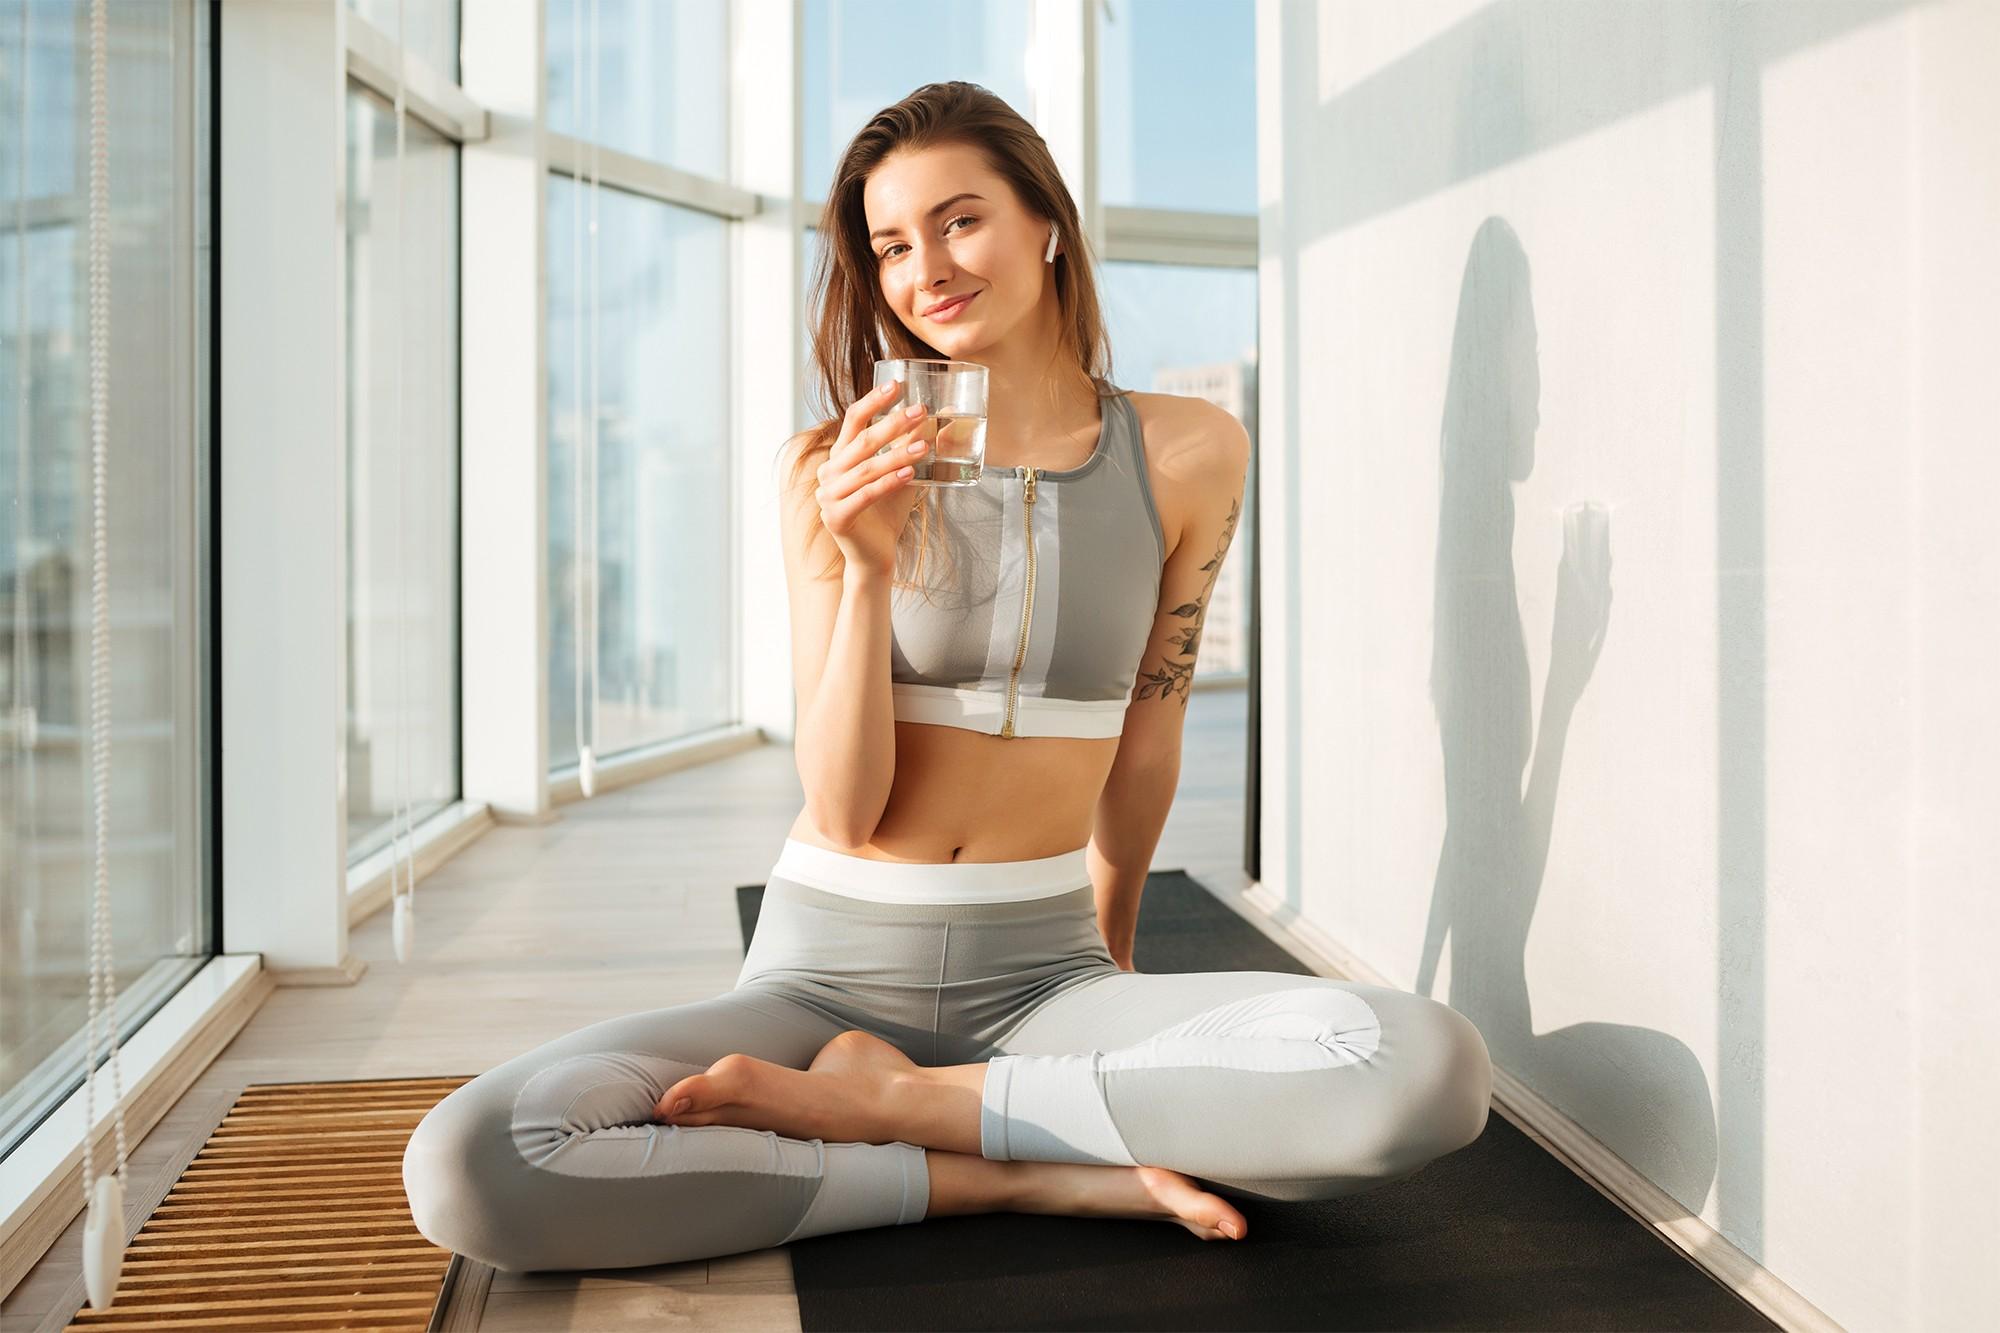 L'acqua e lo sport: bere bene per allenarsi meglio